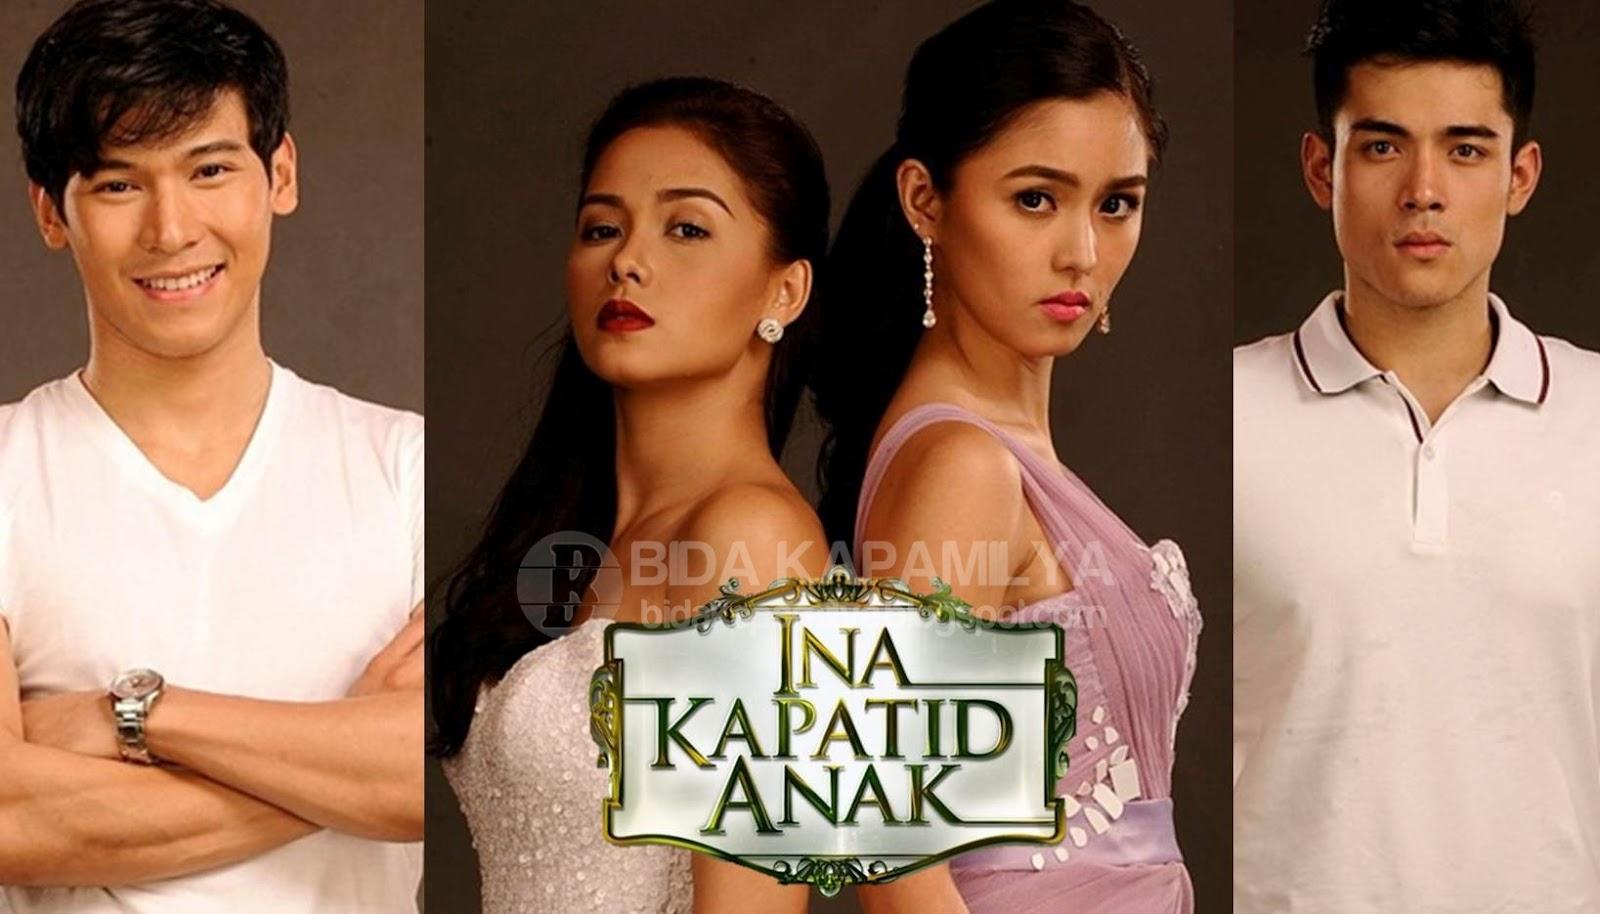 Ina Kaptid Anak Cast (Enchong Dee, Maja Salvador, Kim Chiu and Xian